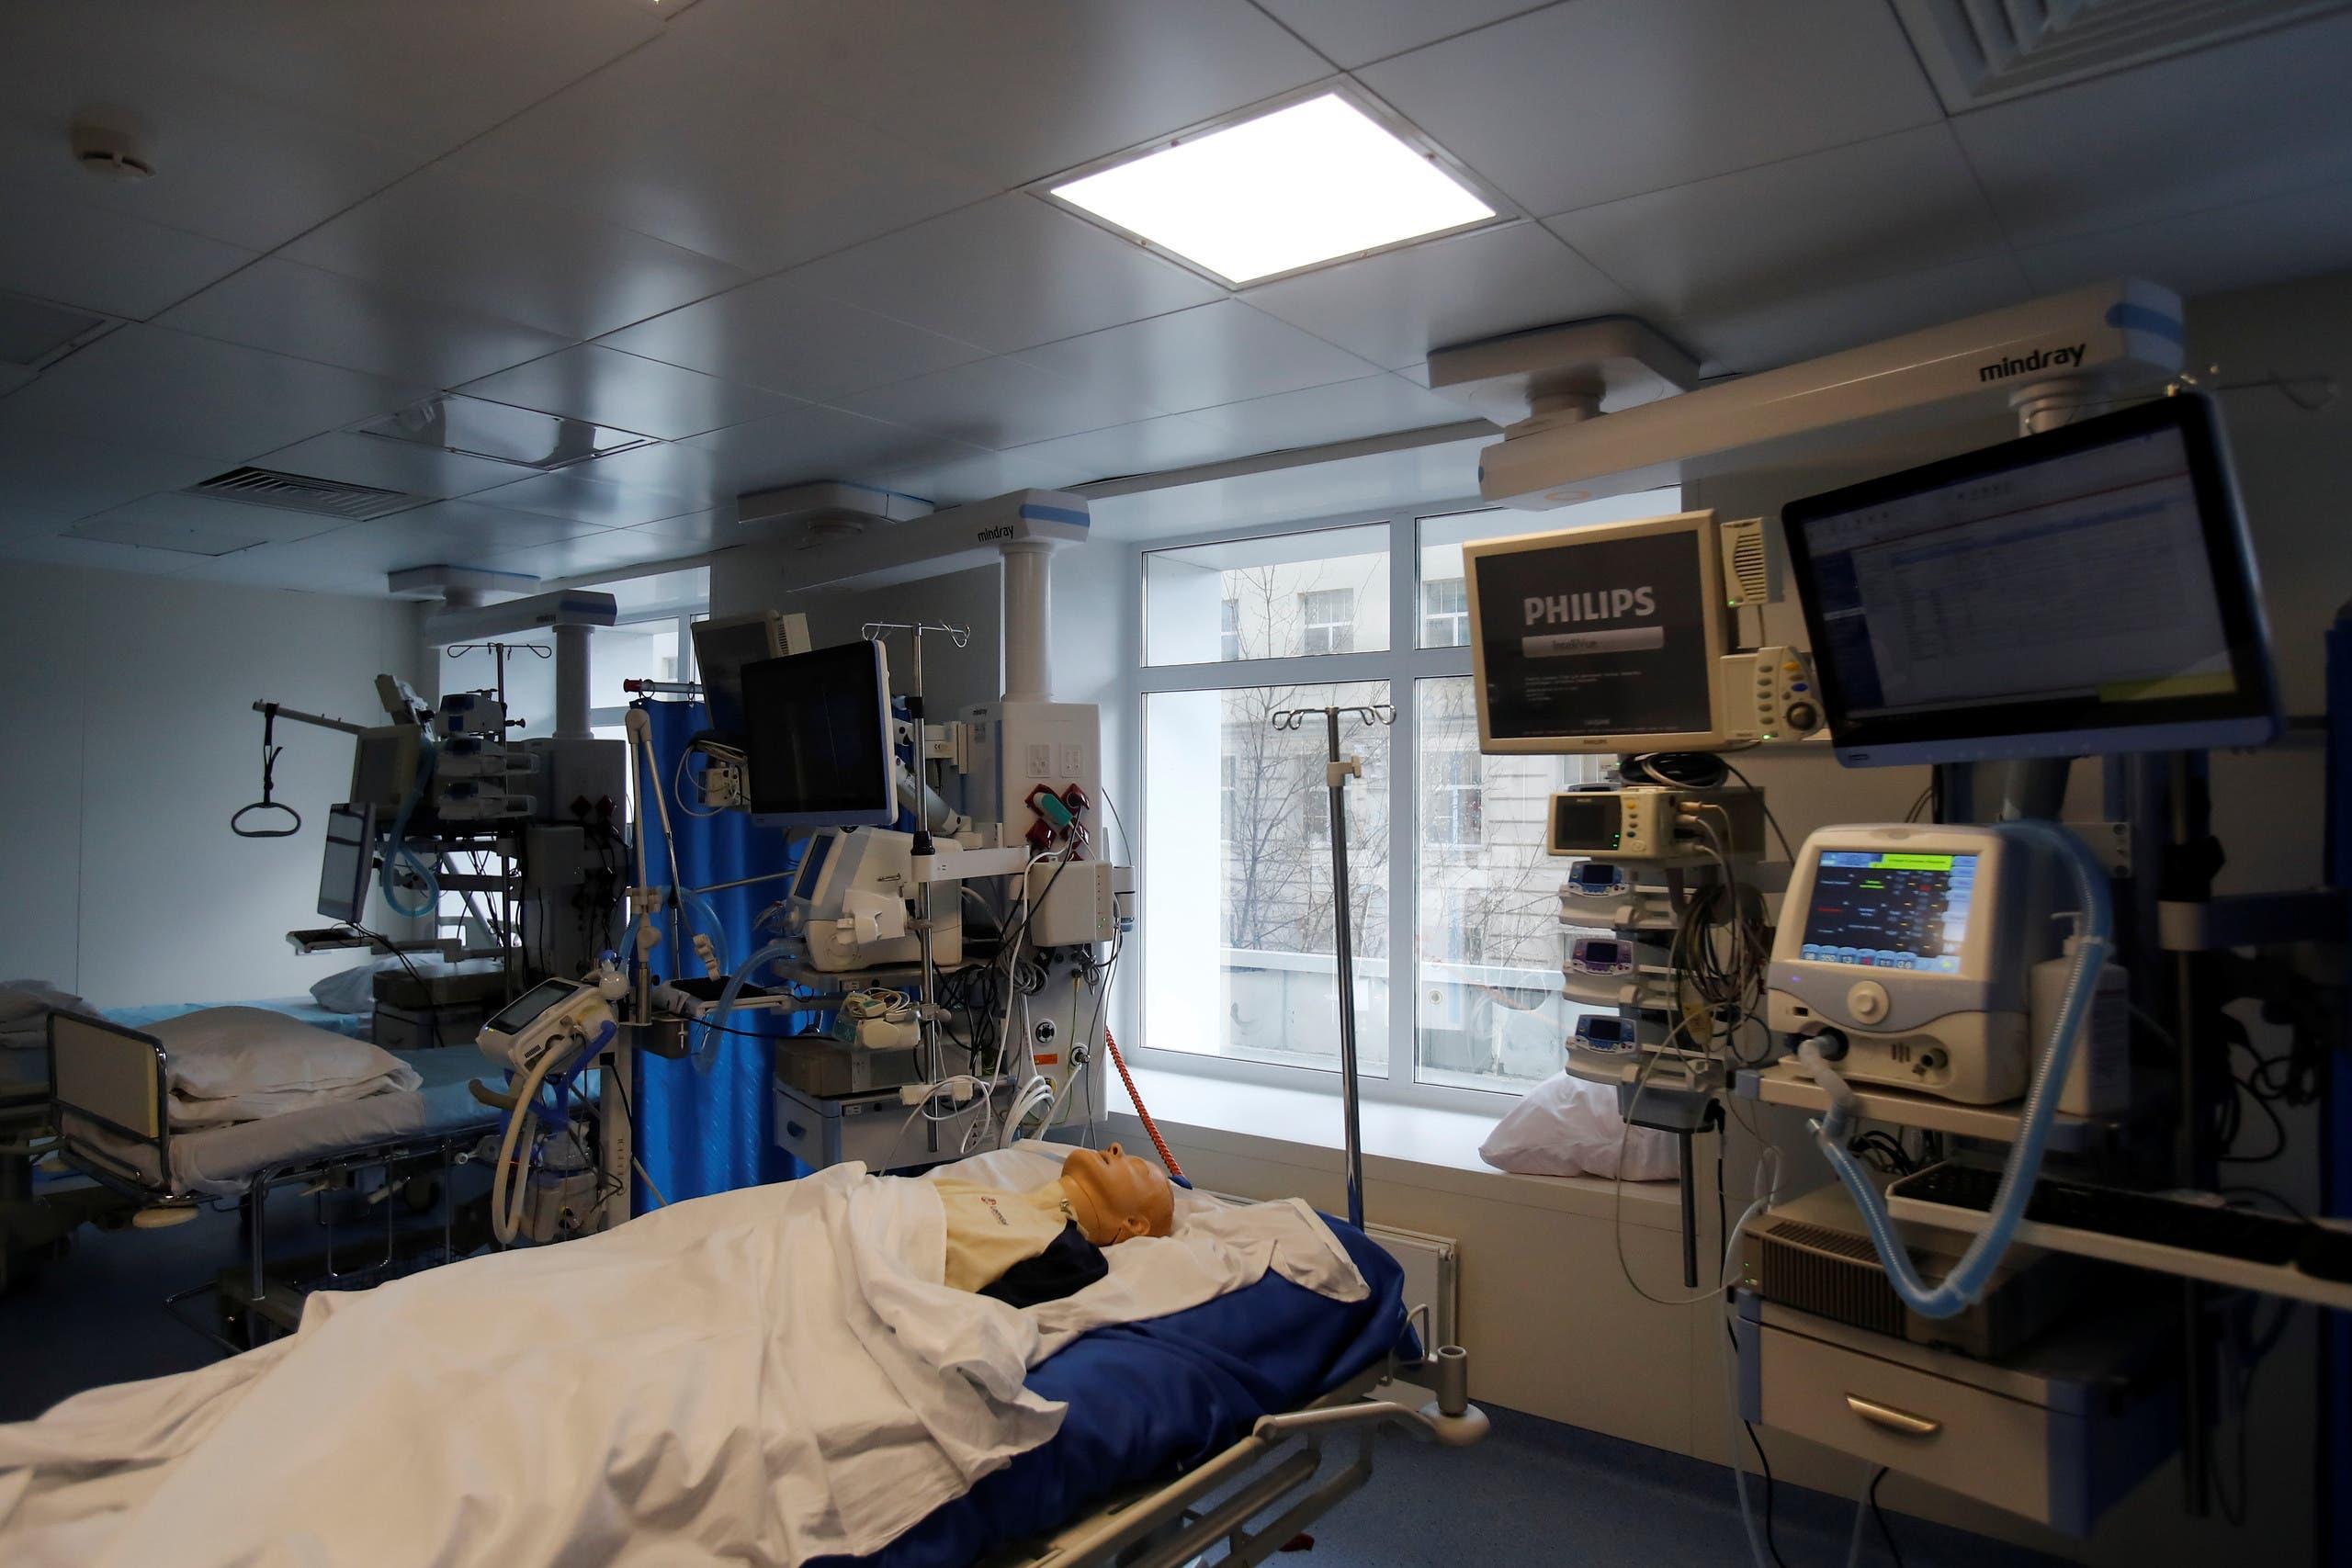 من وحدة العناية المركزة قبل افتتاح قسم جديد لعلاج المرضى المصابين بكورونا في مستشفى بموسكو يوم 3 أبريل